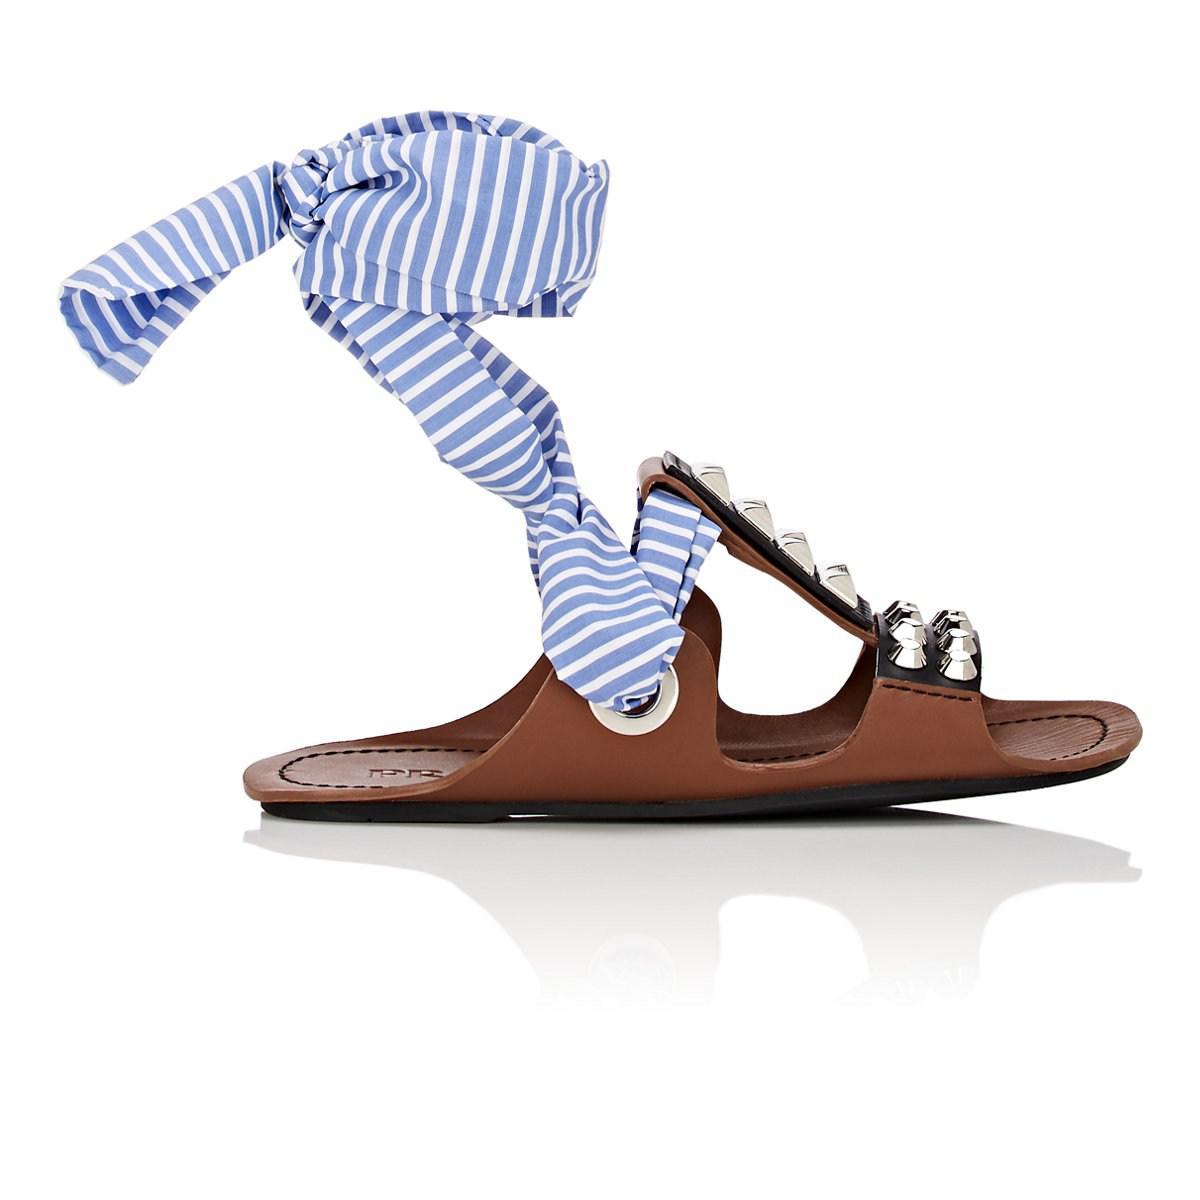 6ddbf741ef71 Lyst - Prada Leather   Ribbon Wraparound Sandals in Brown